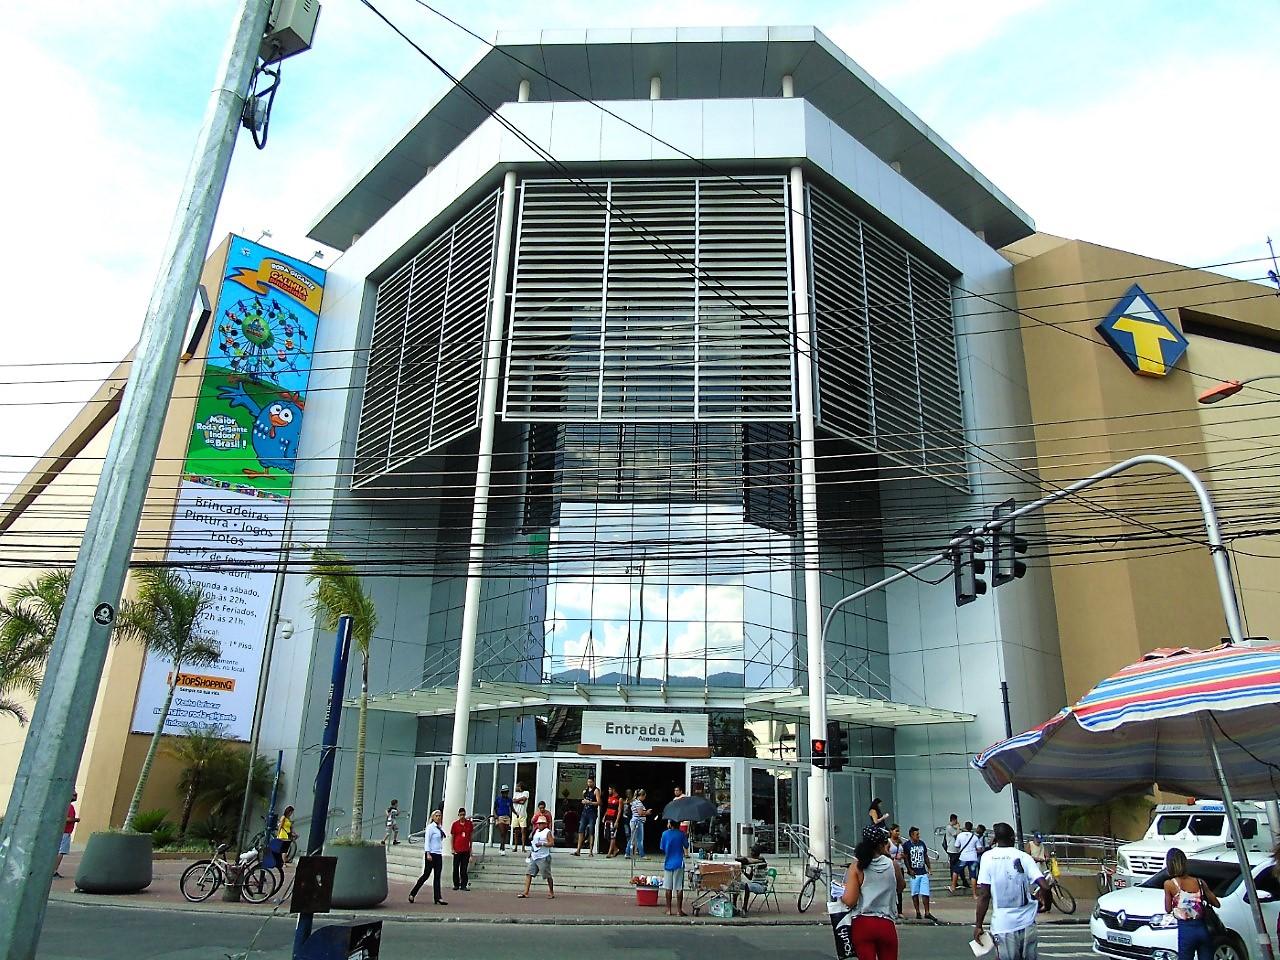 Folha do Iguassú: Horário de Funcionamento do TopShopping no Carnaval